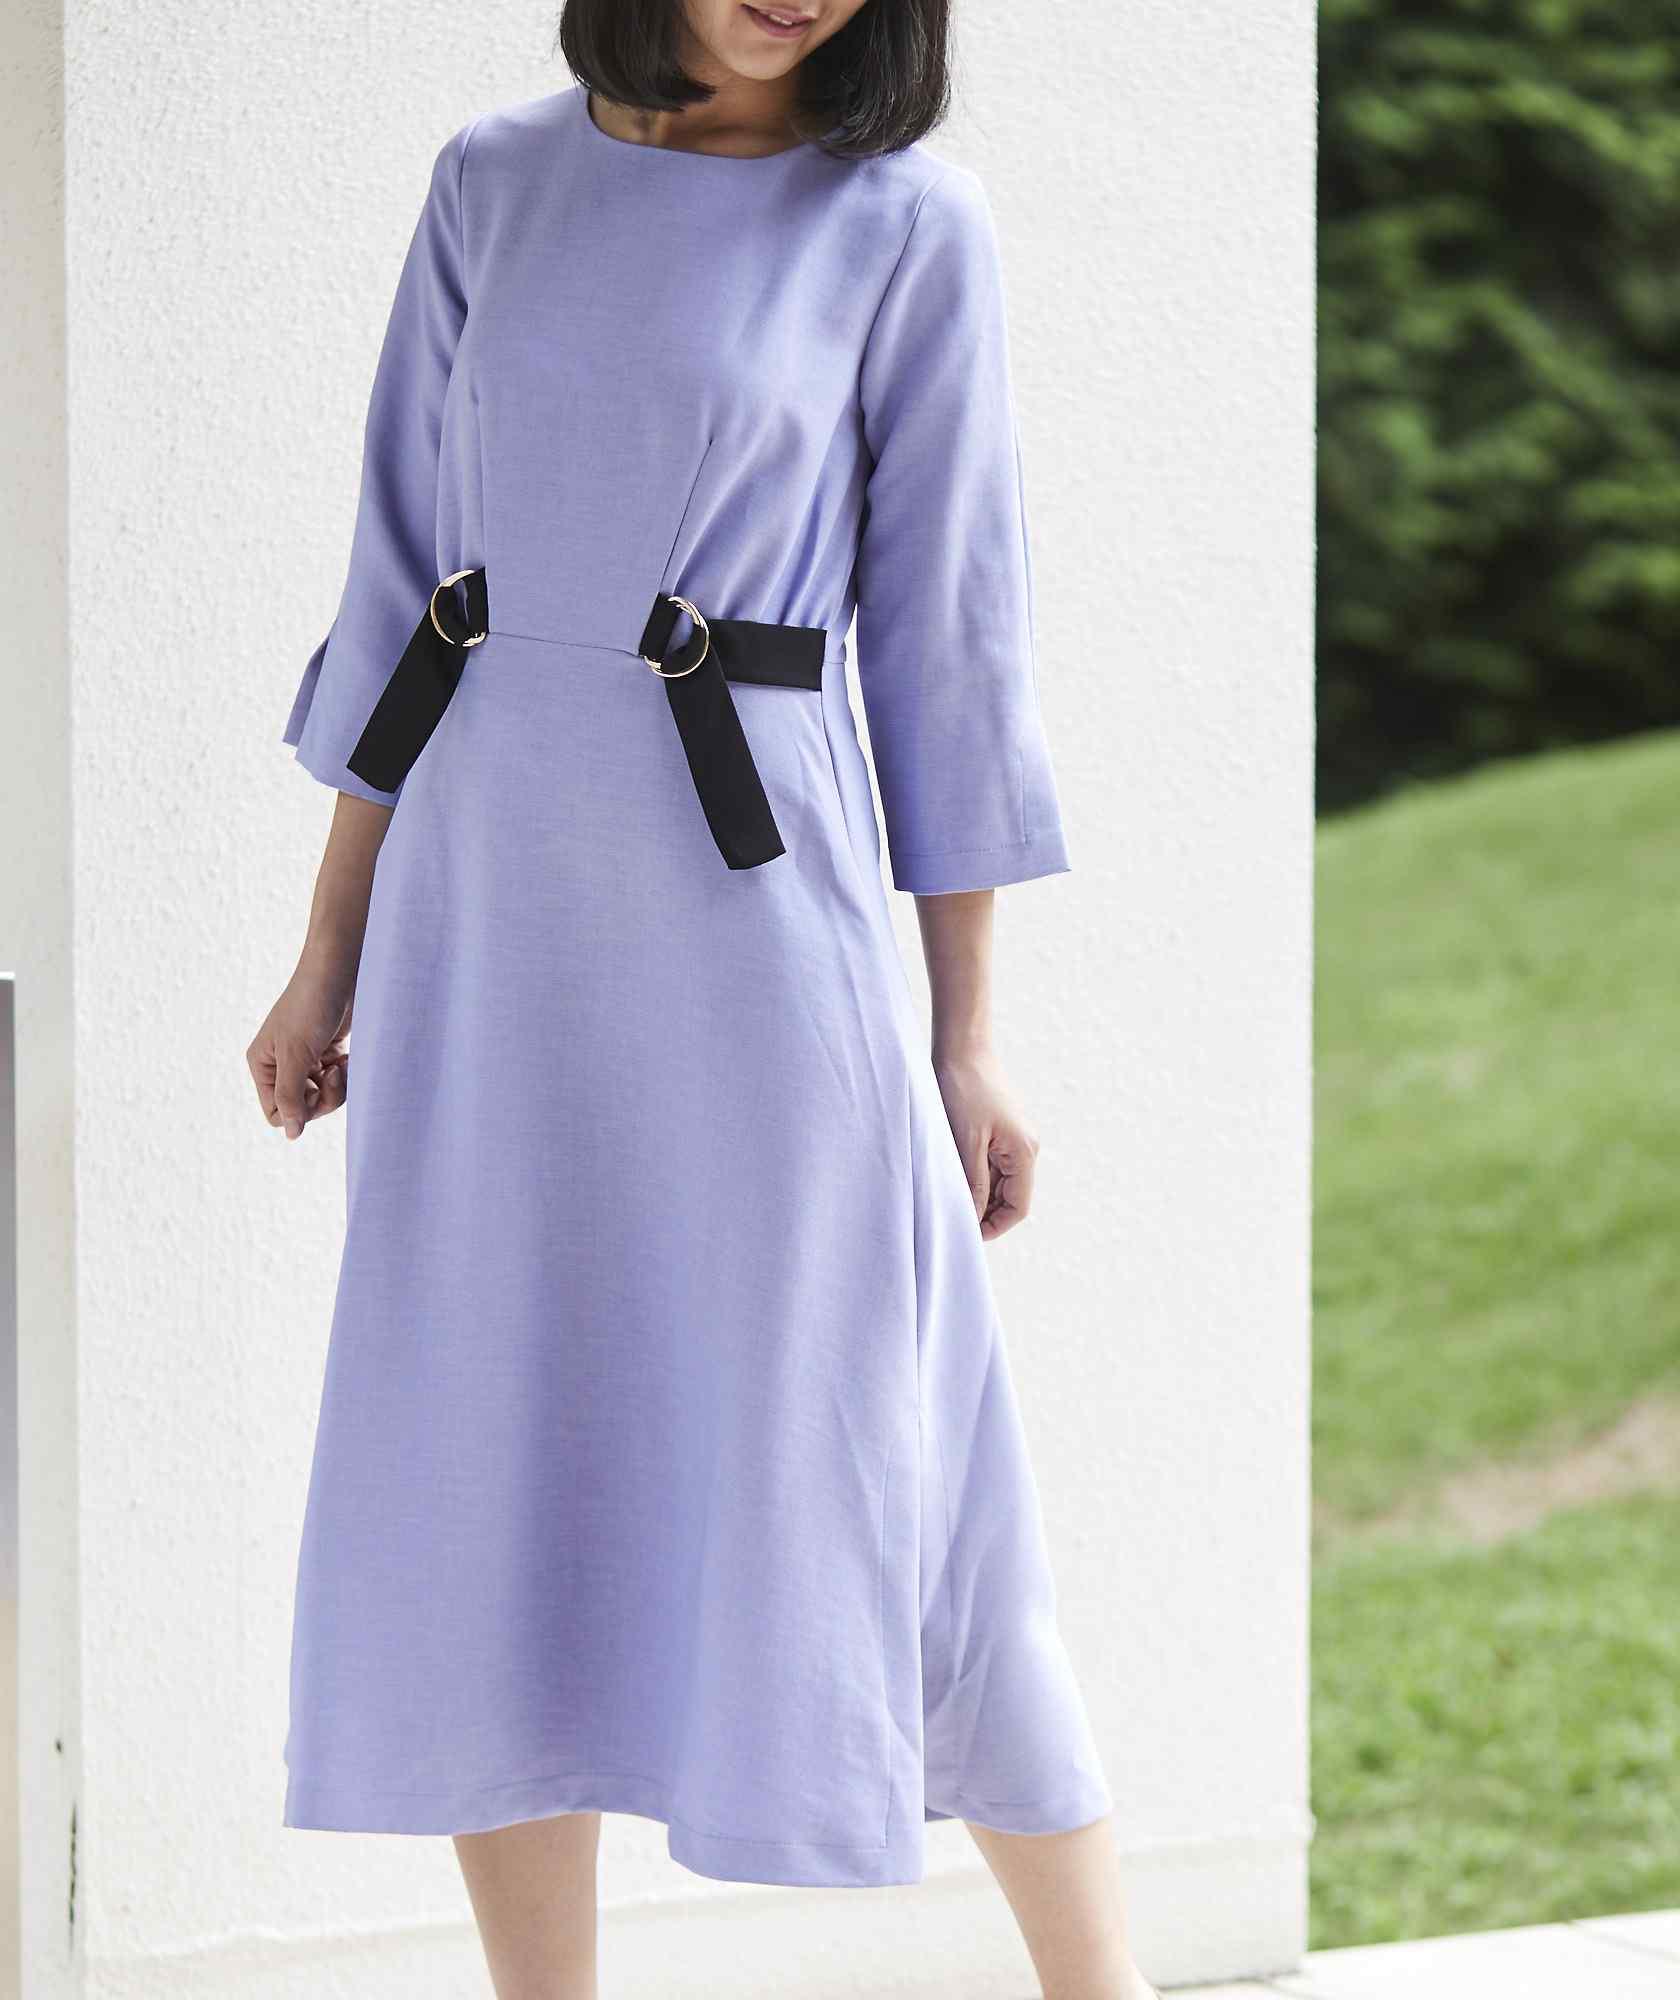 サイドデザインAラインミディアムドレス-パープル-M-L